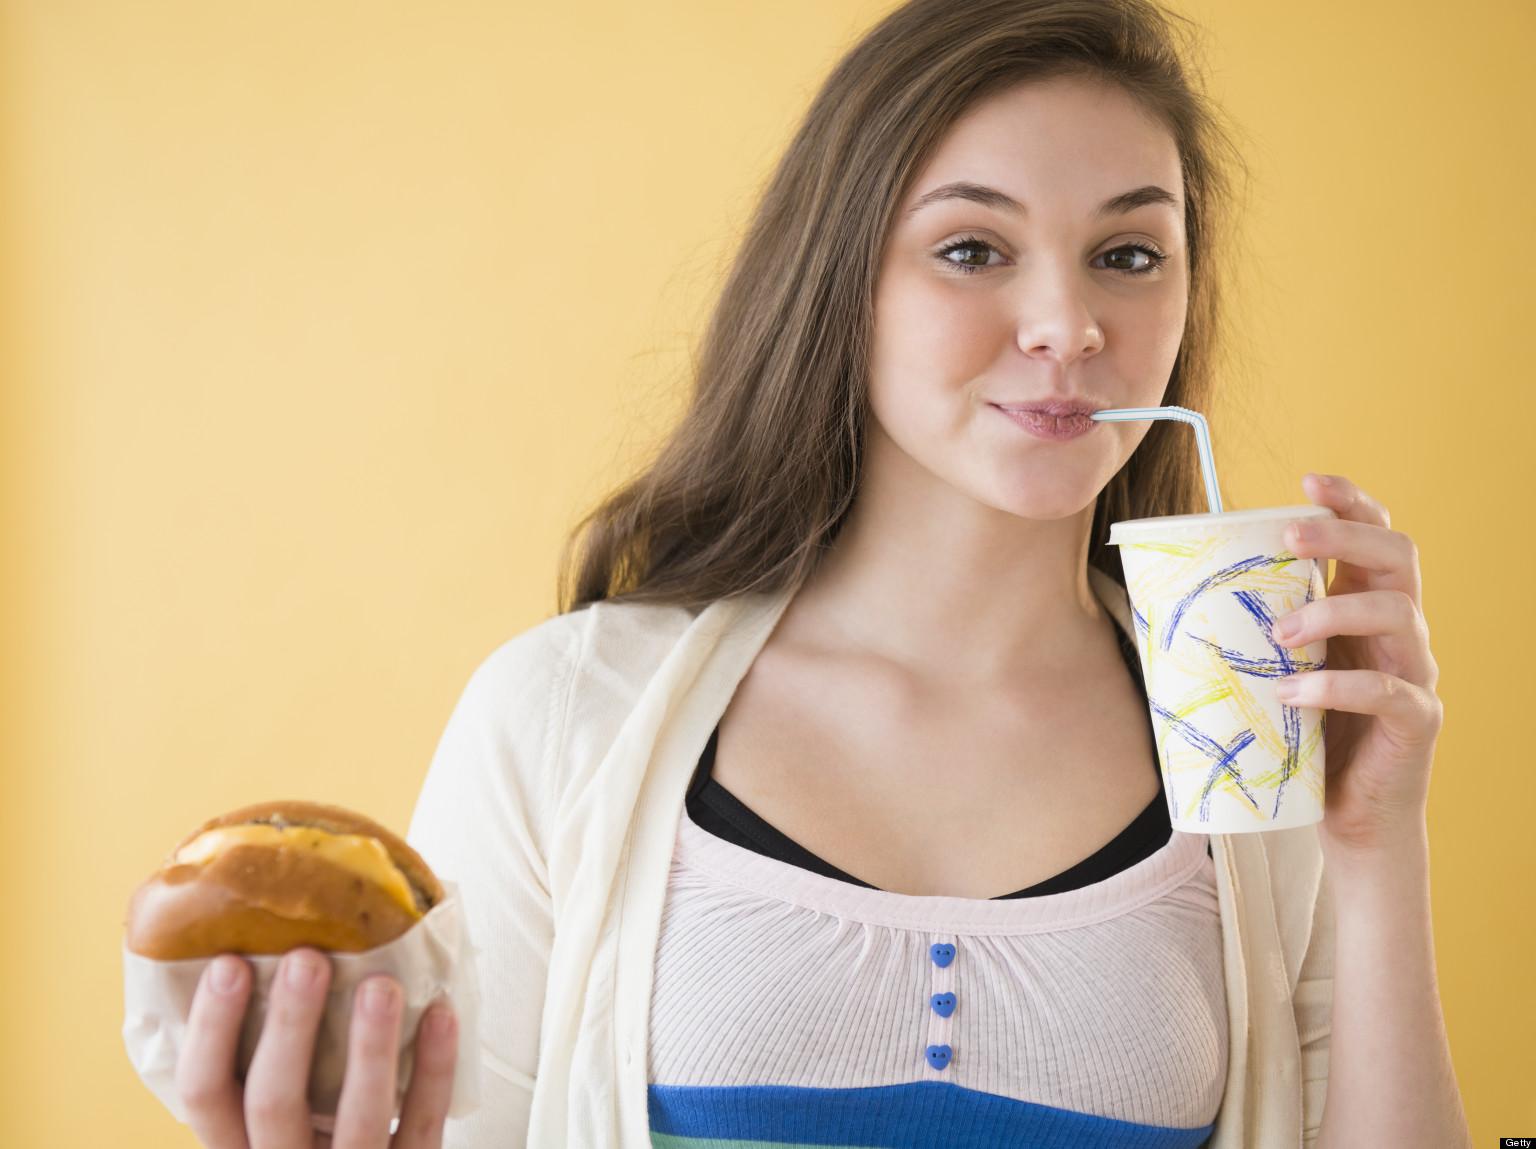 Быстрое Похудения Для Подростка. Как можно безопасно похудеть подростку на 10 кг за неделю в домашних условиях?